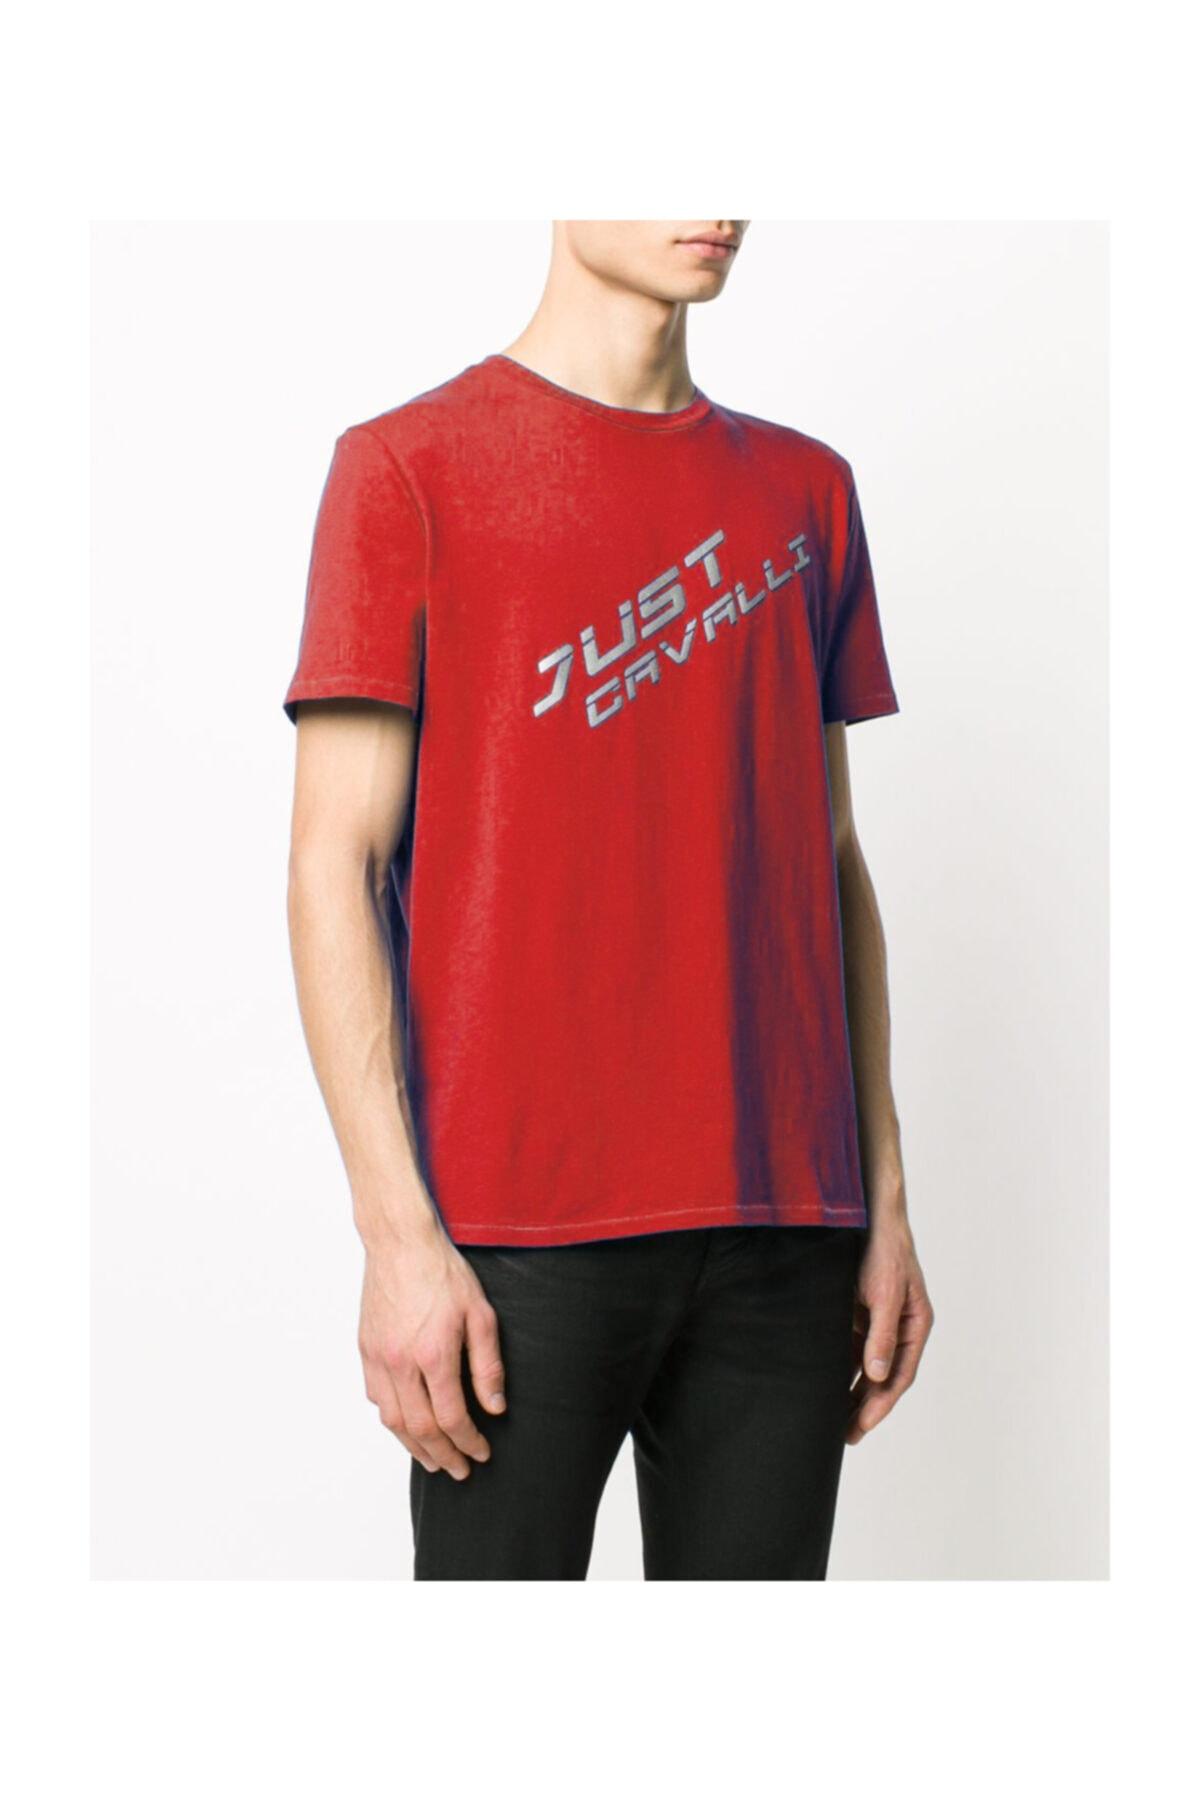 Just Cavalli Erkek Sıfır Yaka Kısa Kollu Kırmızı  T-shirt 2